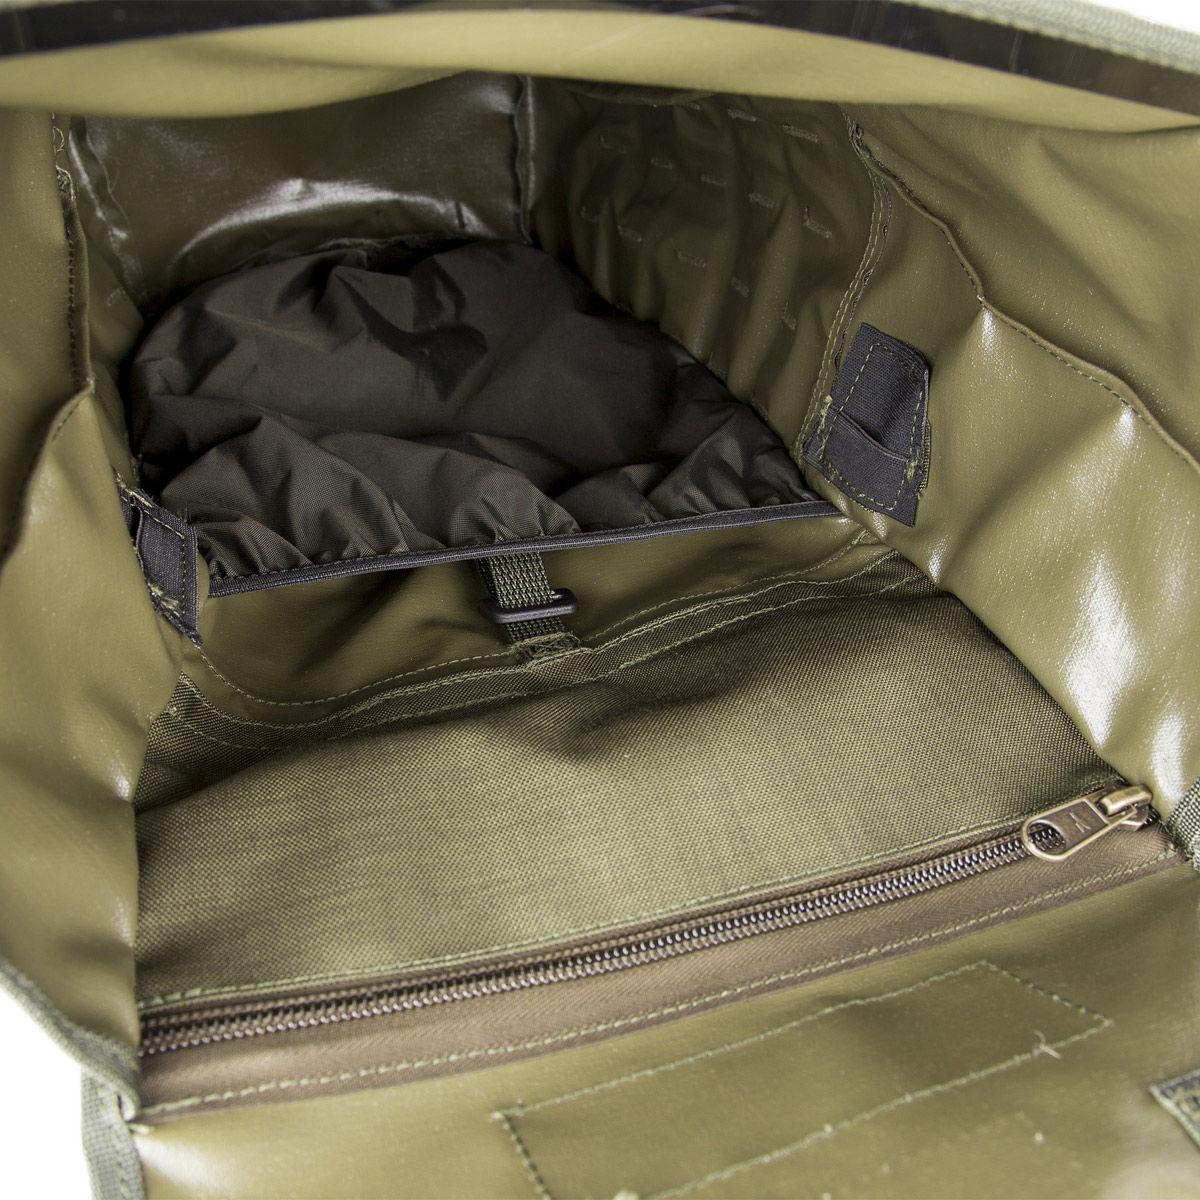 Savotta Jääkäri S 18 - 22 litre Daypack - Olive Green